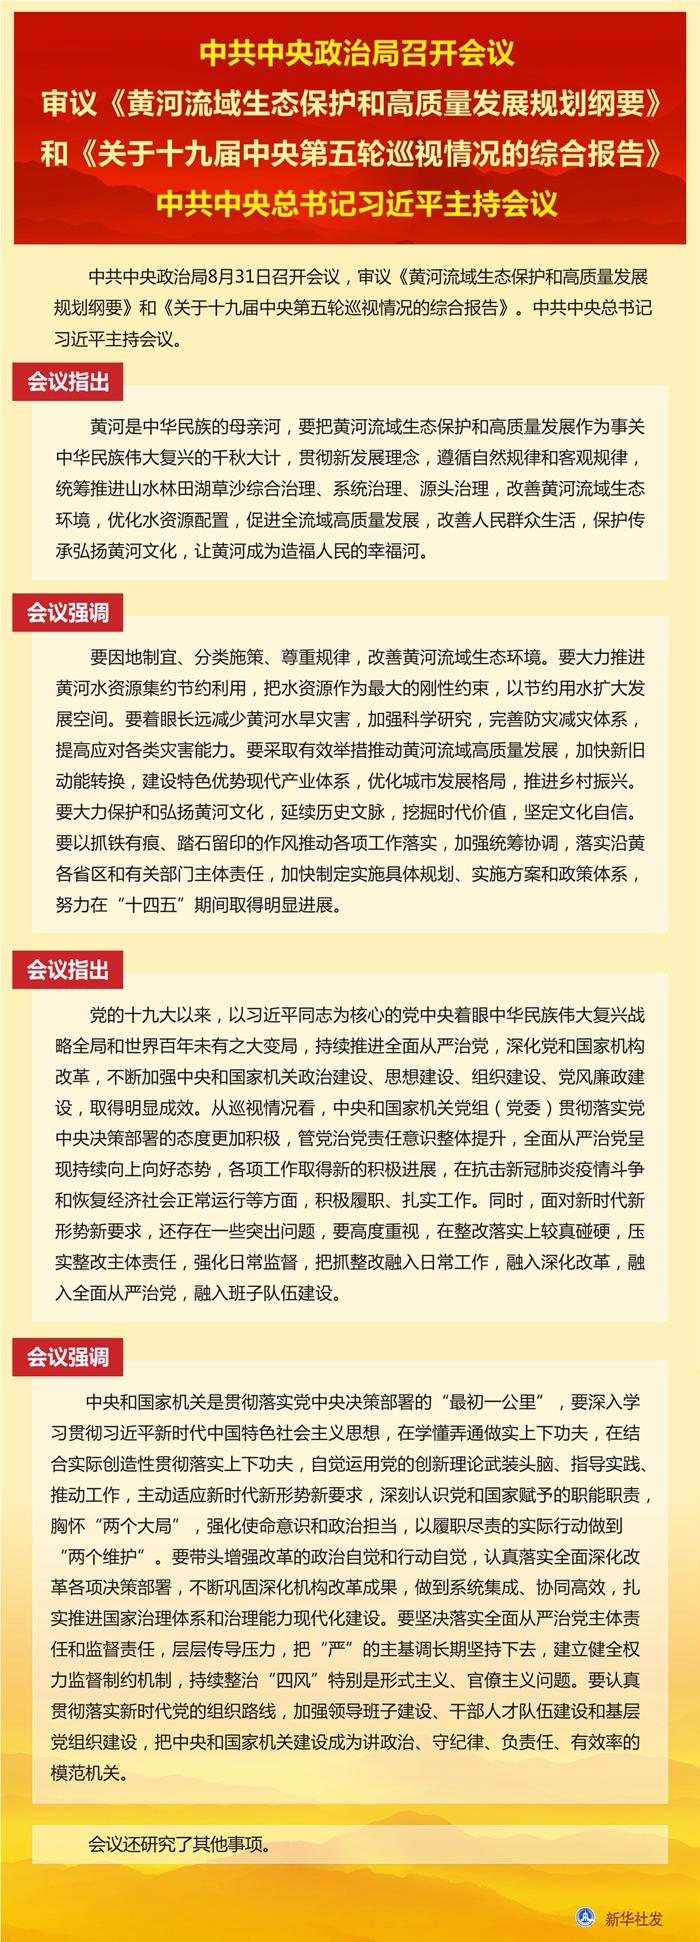 淅川县西簧乡初中召开2020秋期开学工作会议